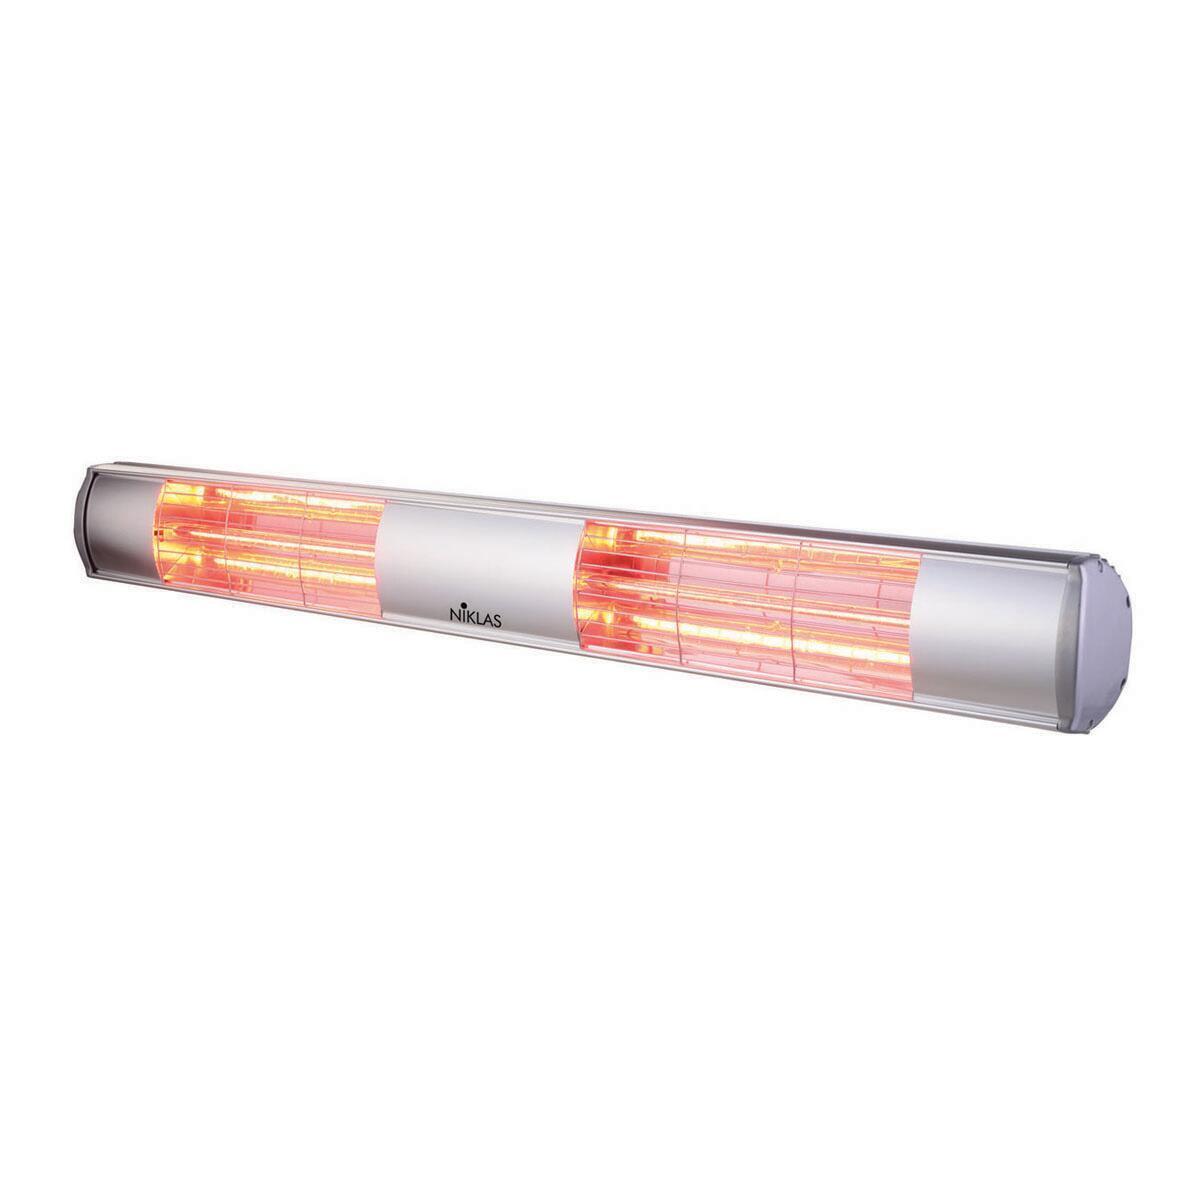 Riscaldamento per esterni NIKLAS Termopatio infrarossi grigio / argento 3000 W